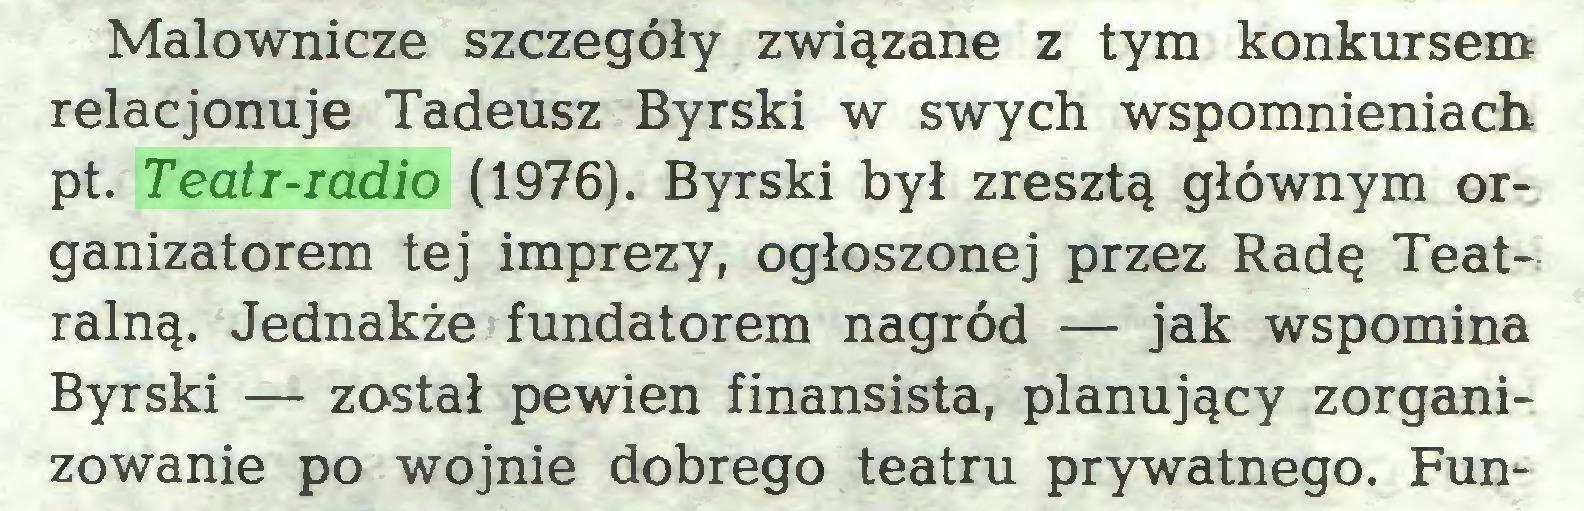 (...) Malownicze szczegóły związane z tym konkursem relacjonuje Tadeusz Byrski w swych wspomnieniach pt. Teatr-radio (1976). Byrski był zresztą głównym organizatorem tej imprezy, ogłoszonej przez Radę Teatralną. Jednakże fundatorem nagród — jak wspomina Byrski — został pewien finansista, planujący zorganizowanie po wojnie dobrego teatru prywatnego. Fun...